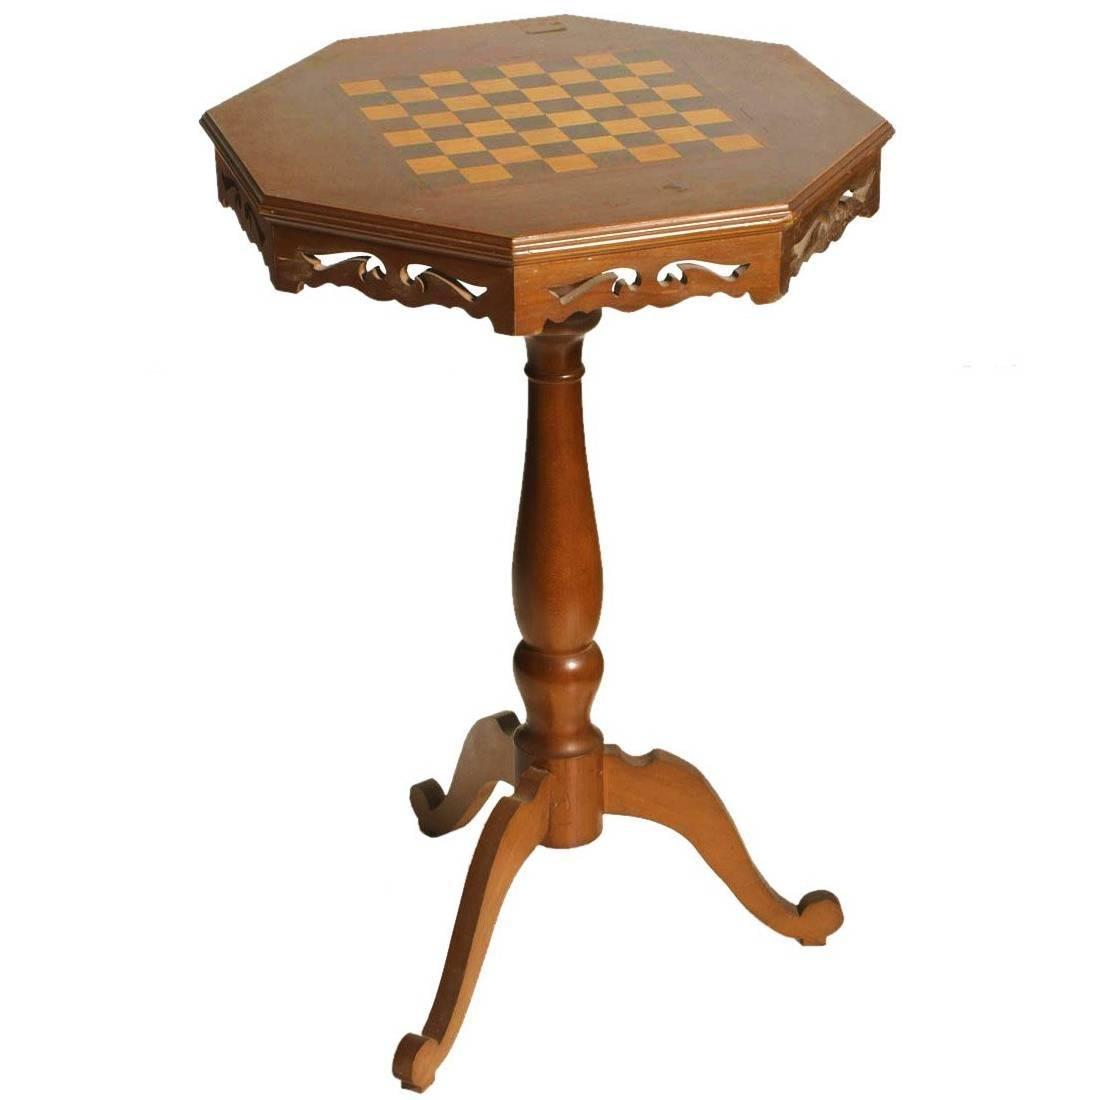 Kleiner Mid-Century Schach Spieltisch in Walnuss   Kinderzimmer > Kindertische   Braun